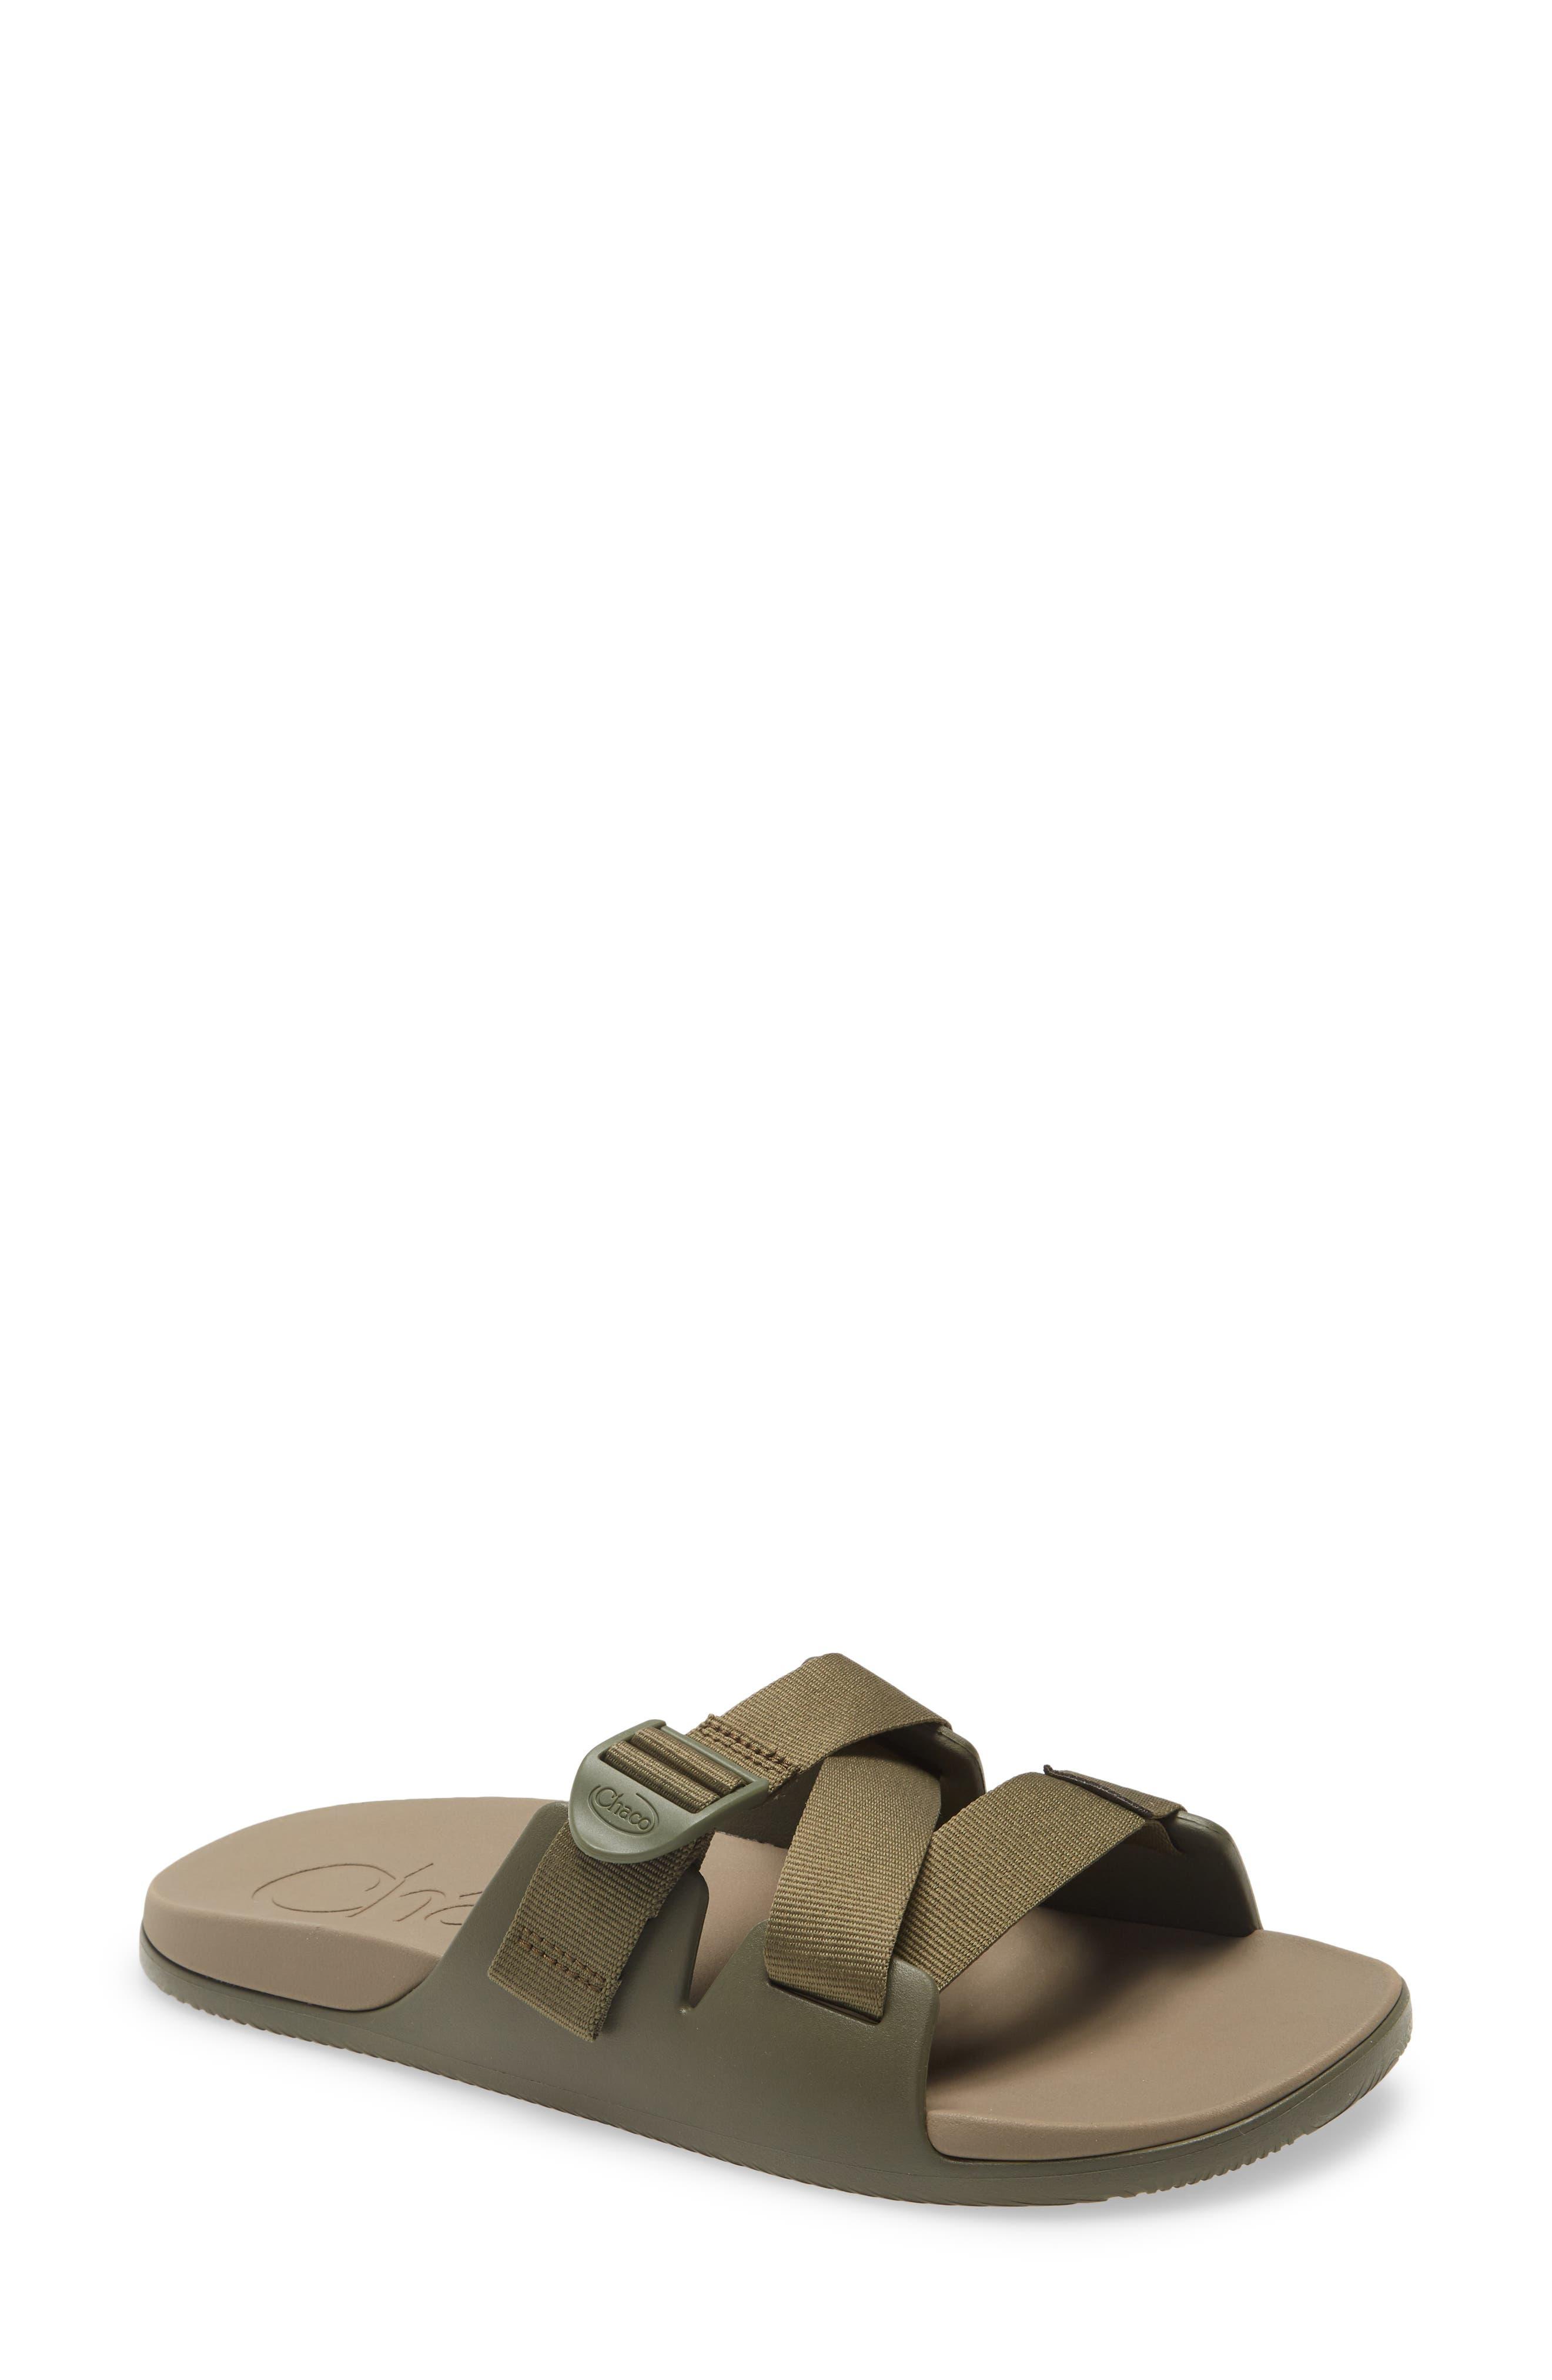 Chillos Slide Sandal